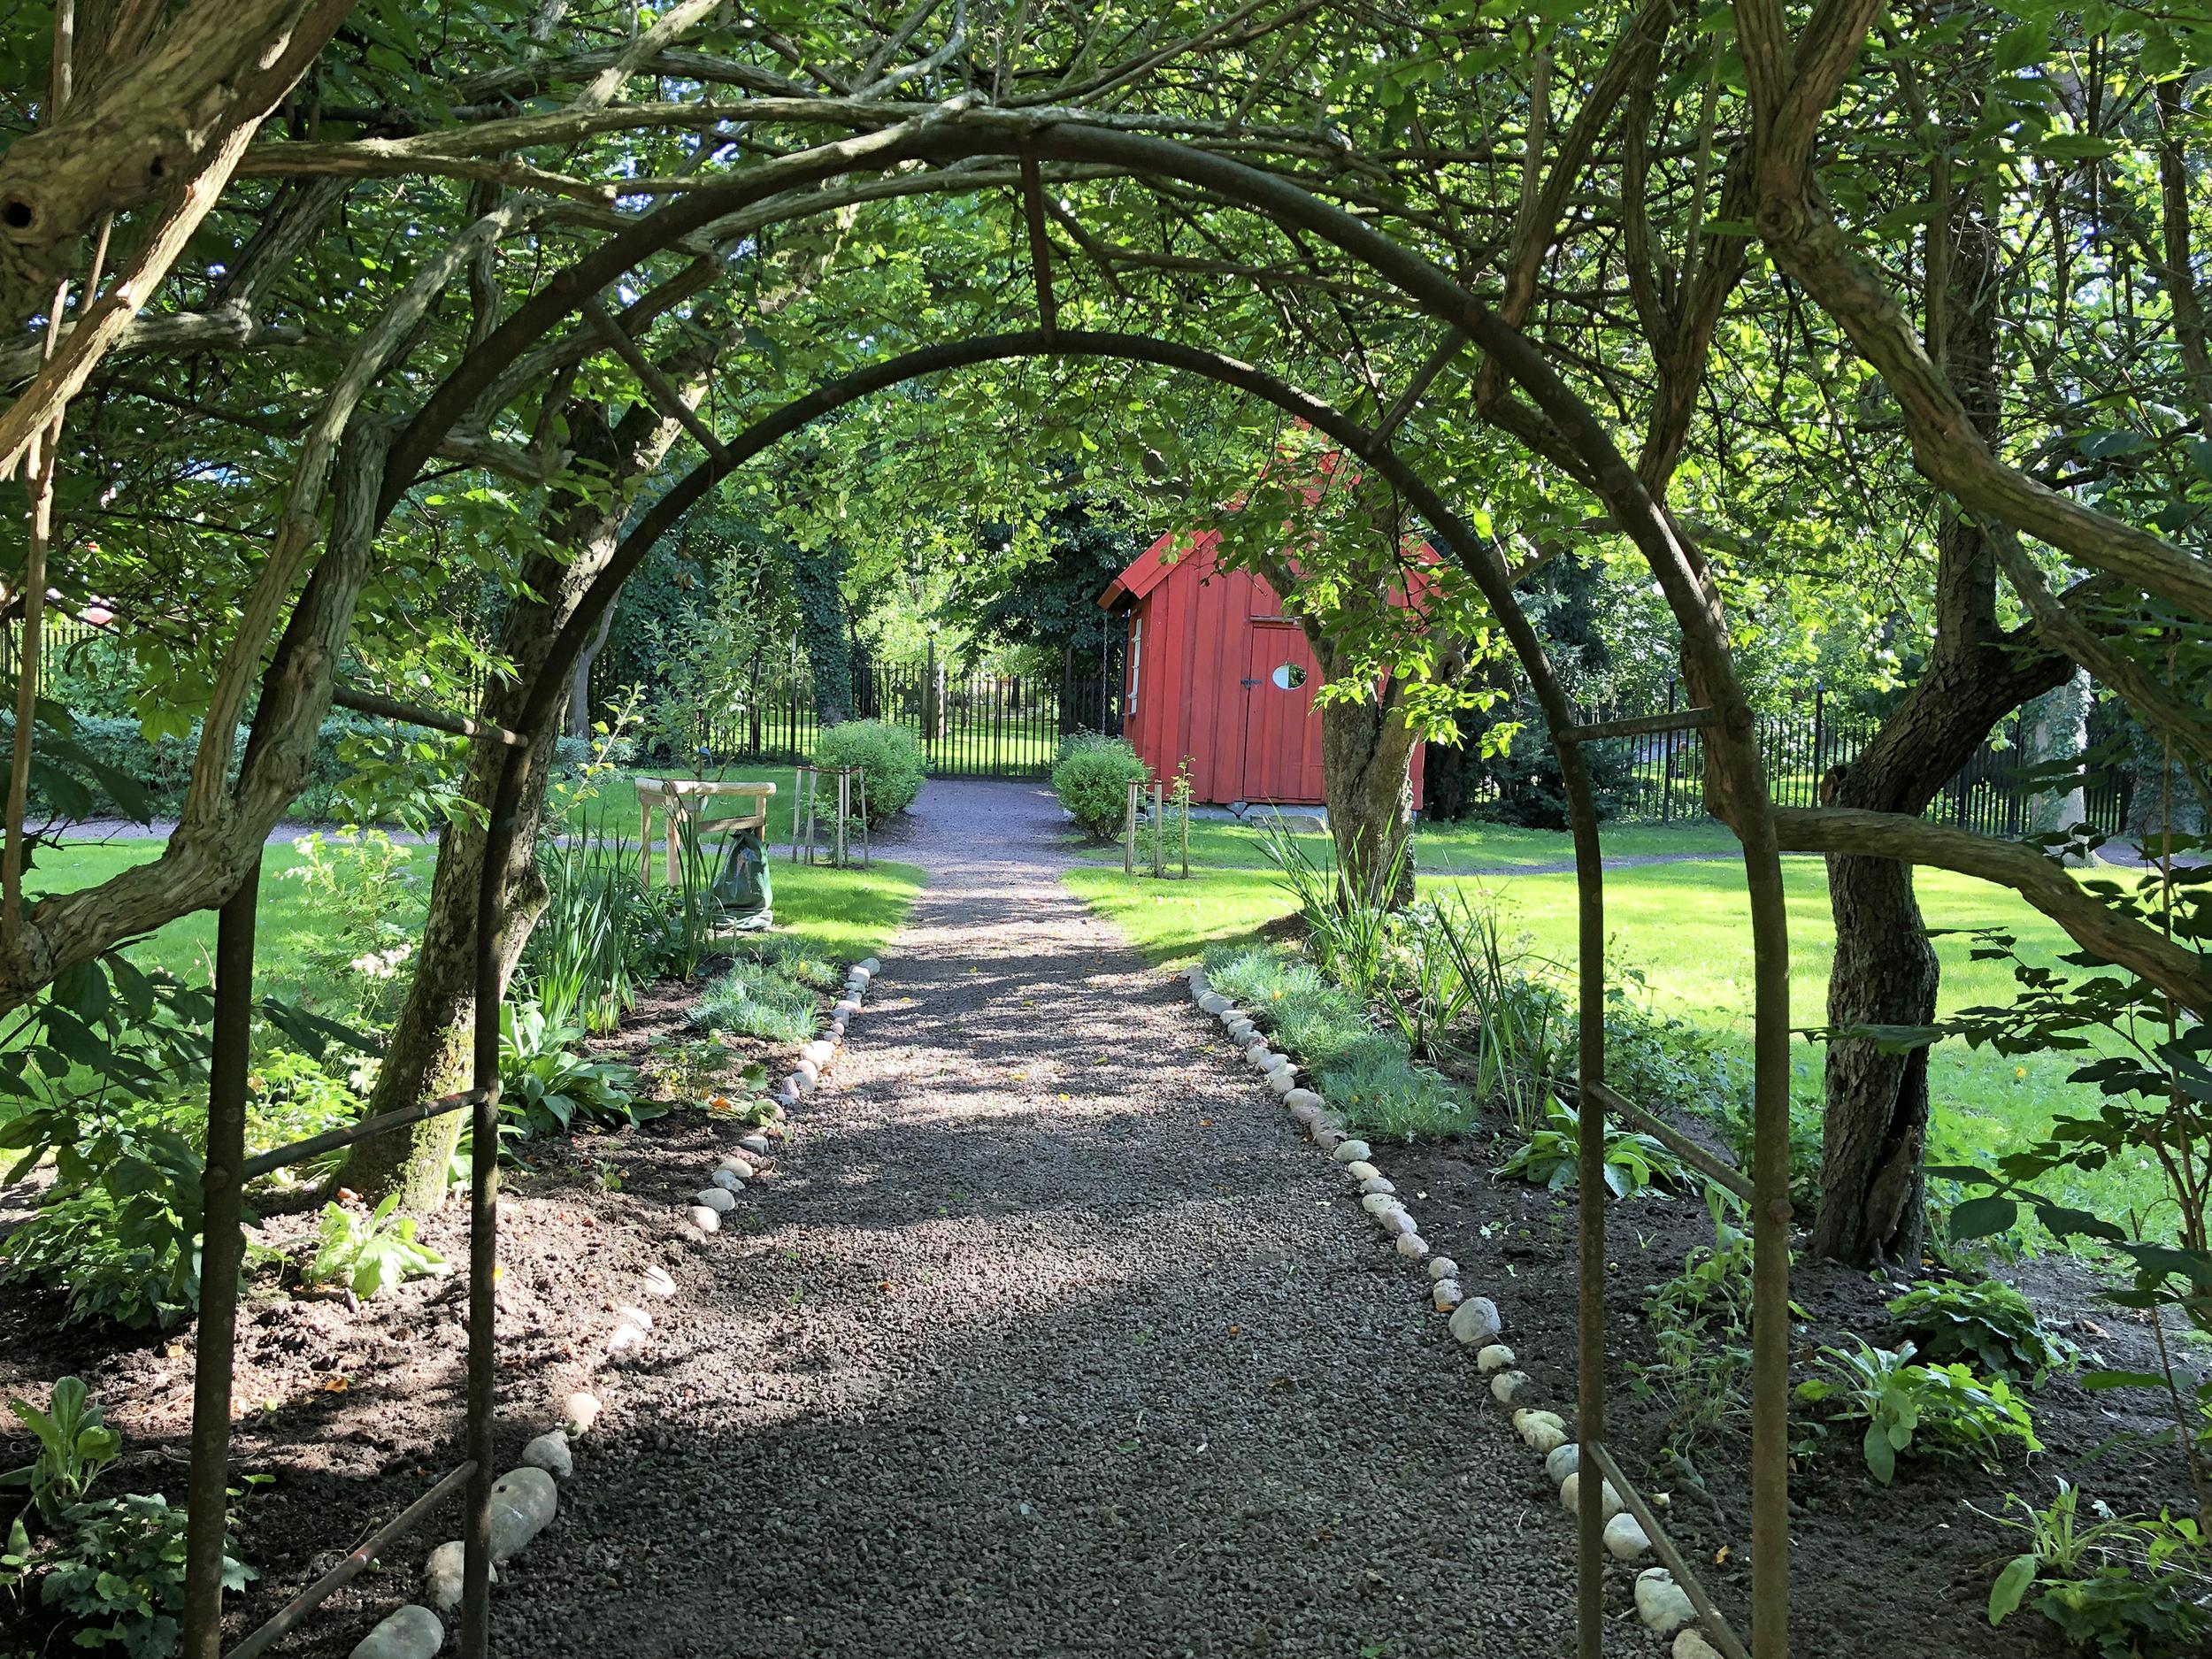 En grusbelagd rosengång i en grönskande trädgård.